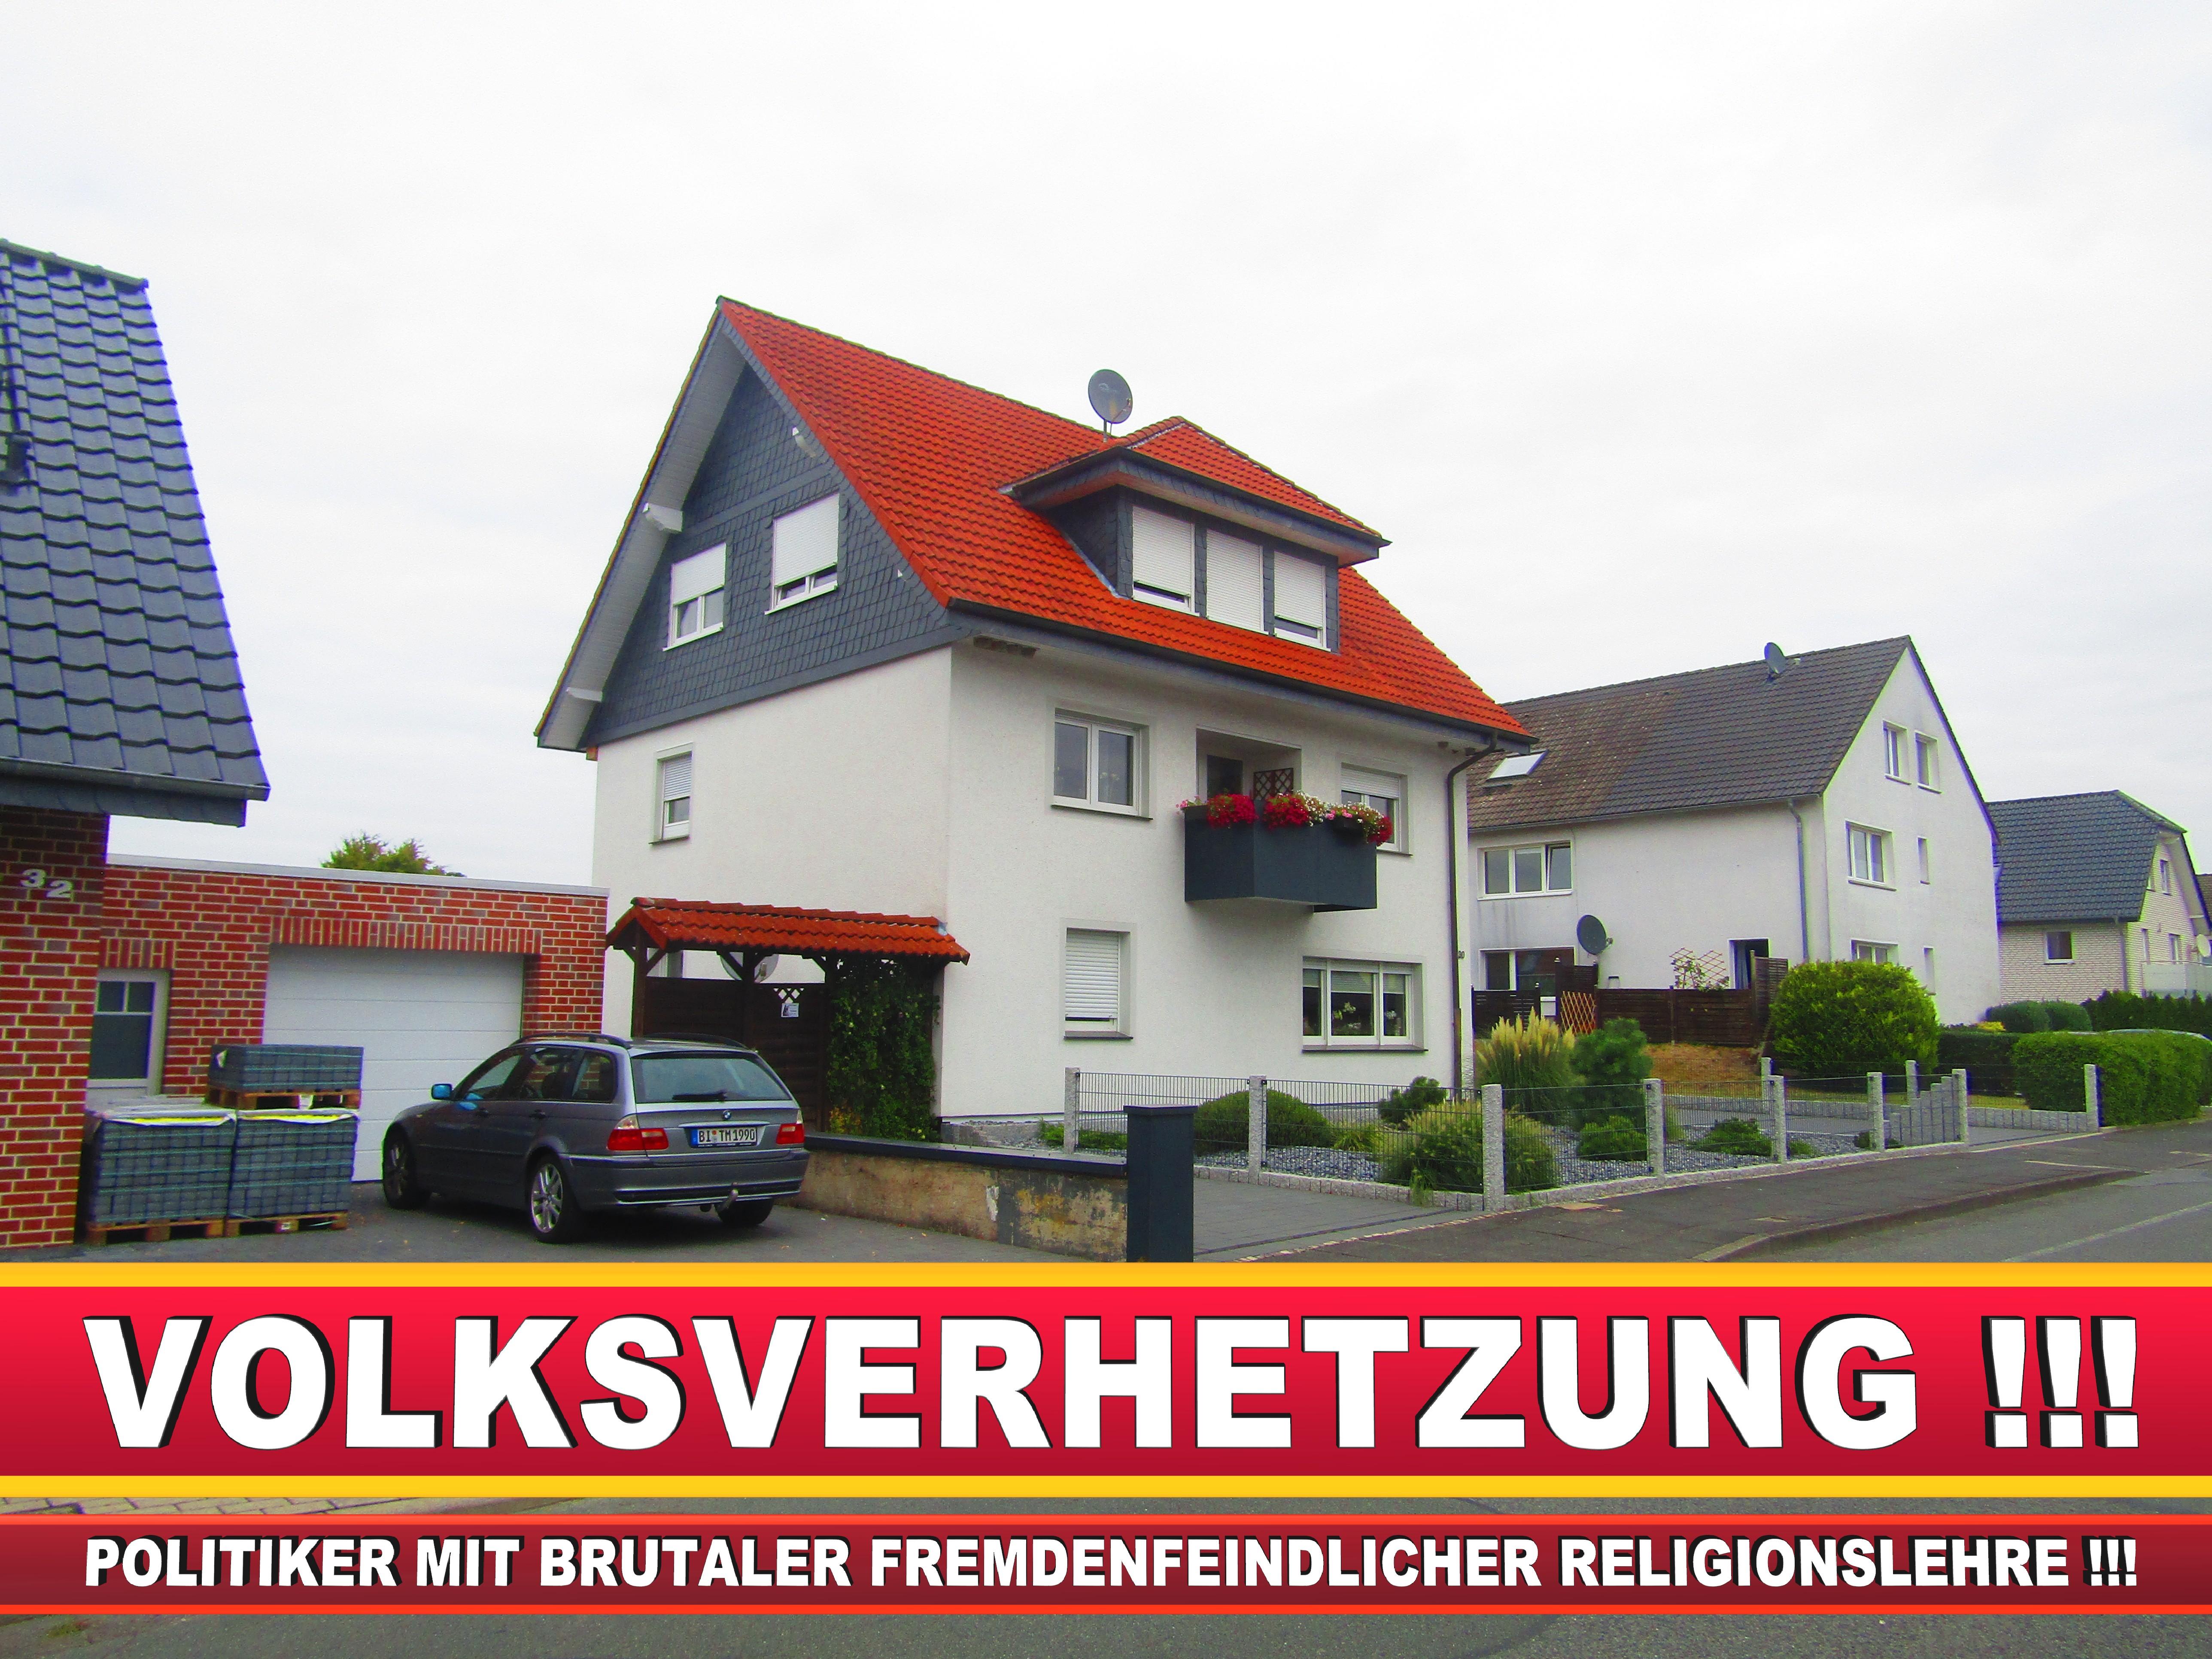 NOLTE UND TOTH GBR CDU BIELEFELD BI (2) LANDTAGSWAHL BUNDESTAGSWAHL BÜRGERMEISTERWAHL